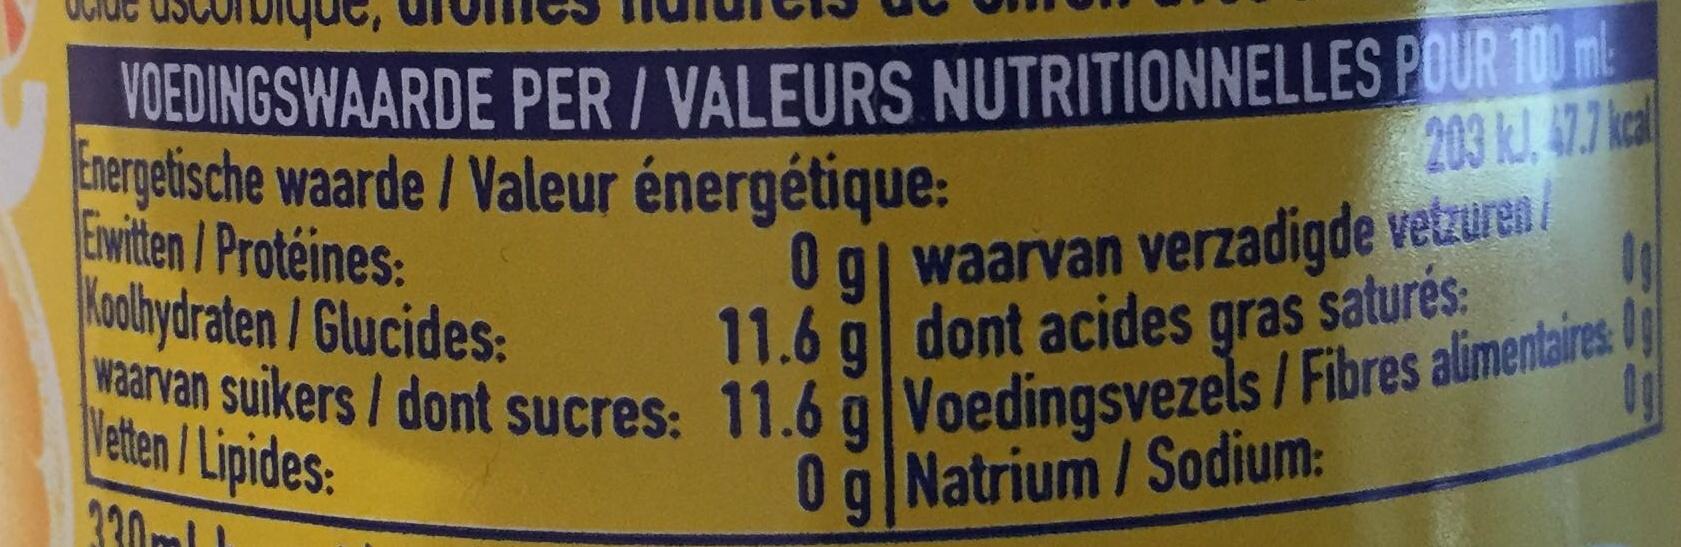 Fanta citron frappé - Información nutricional